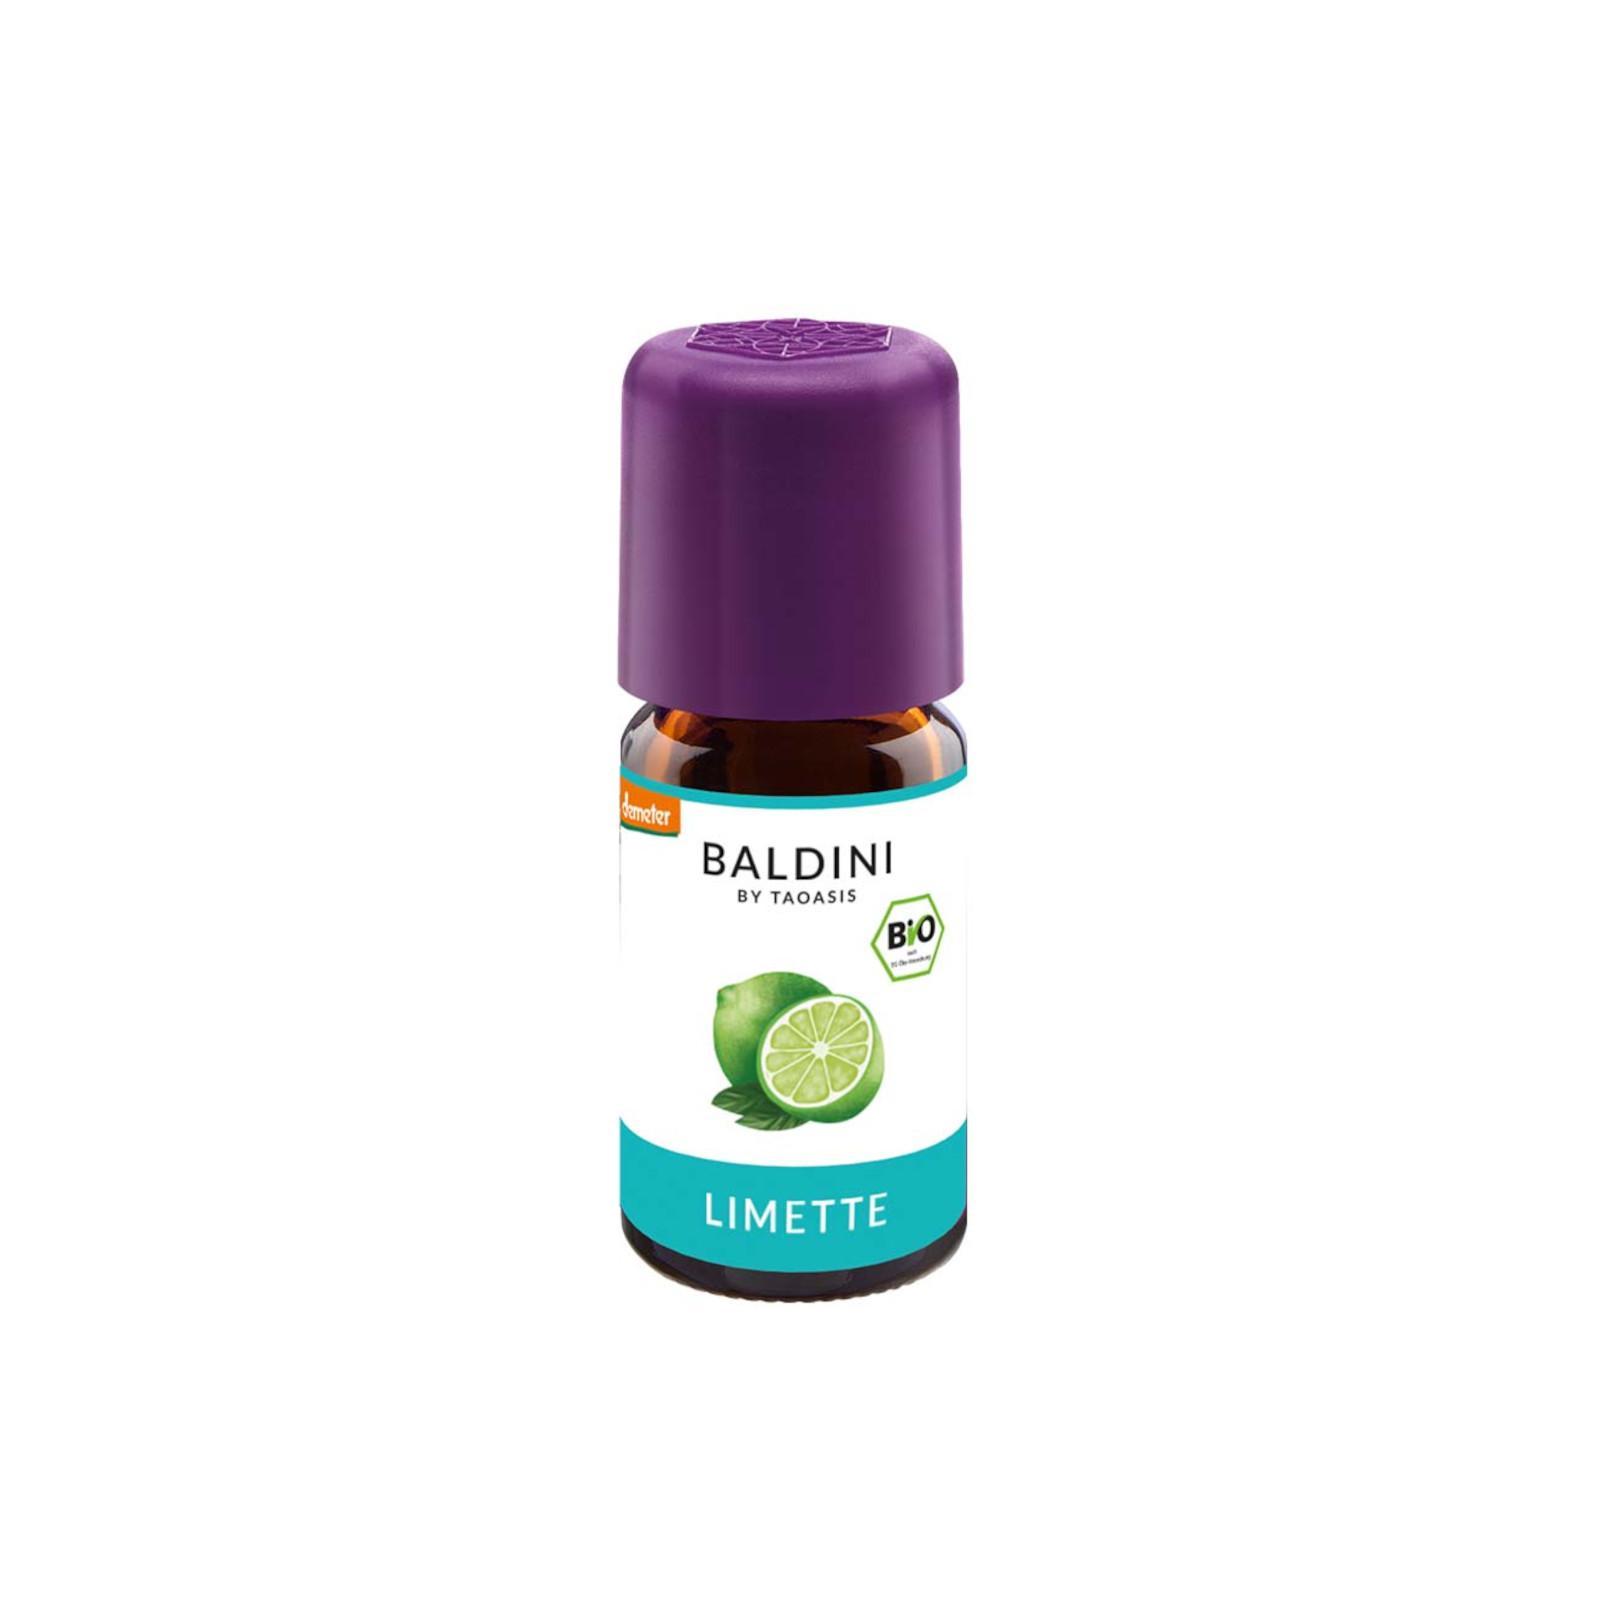 Taoasis Limetka Baldini, Bio Demeter 5 ml